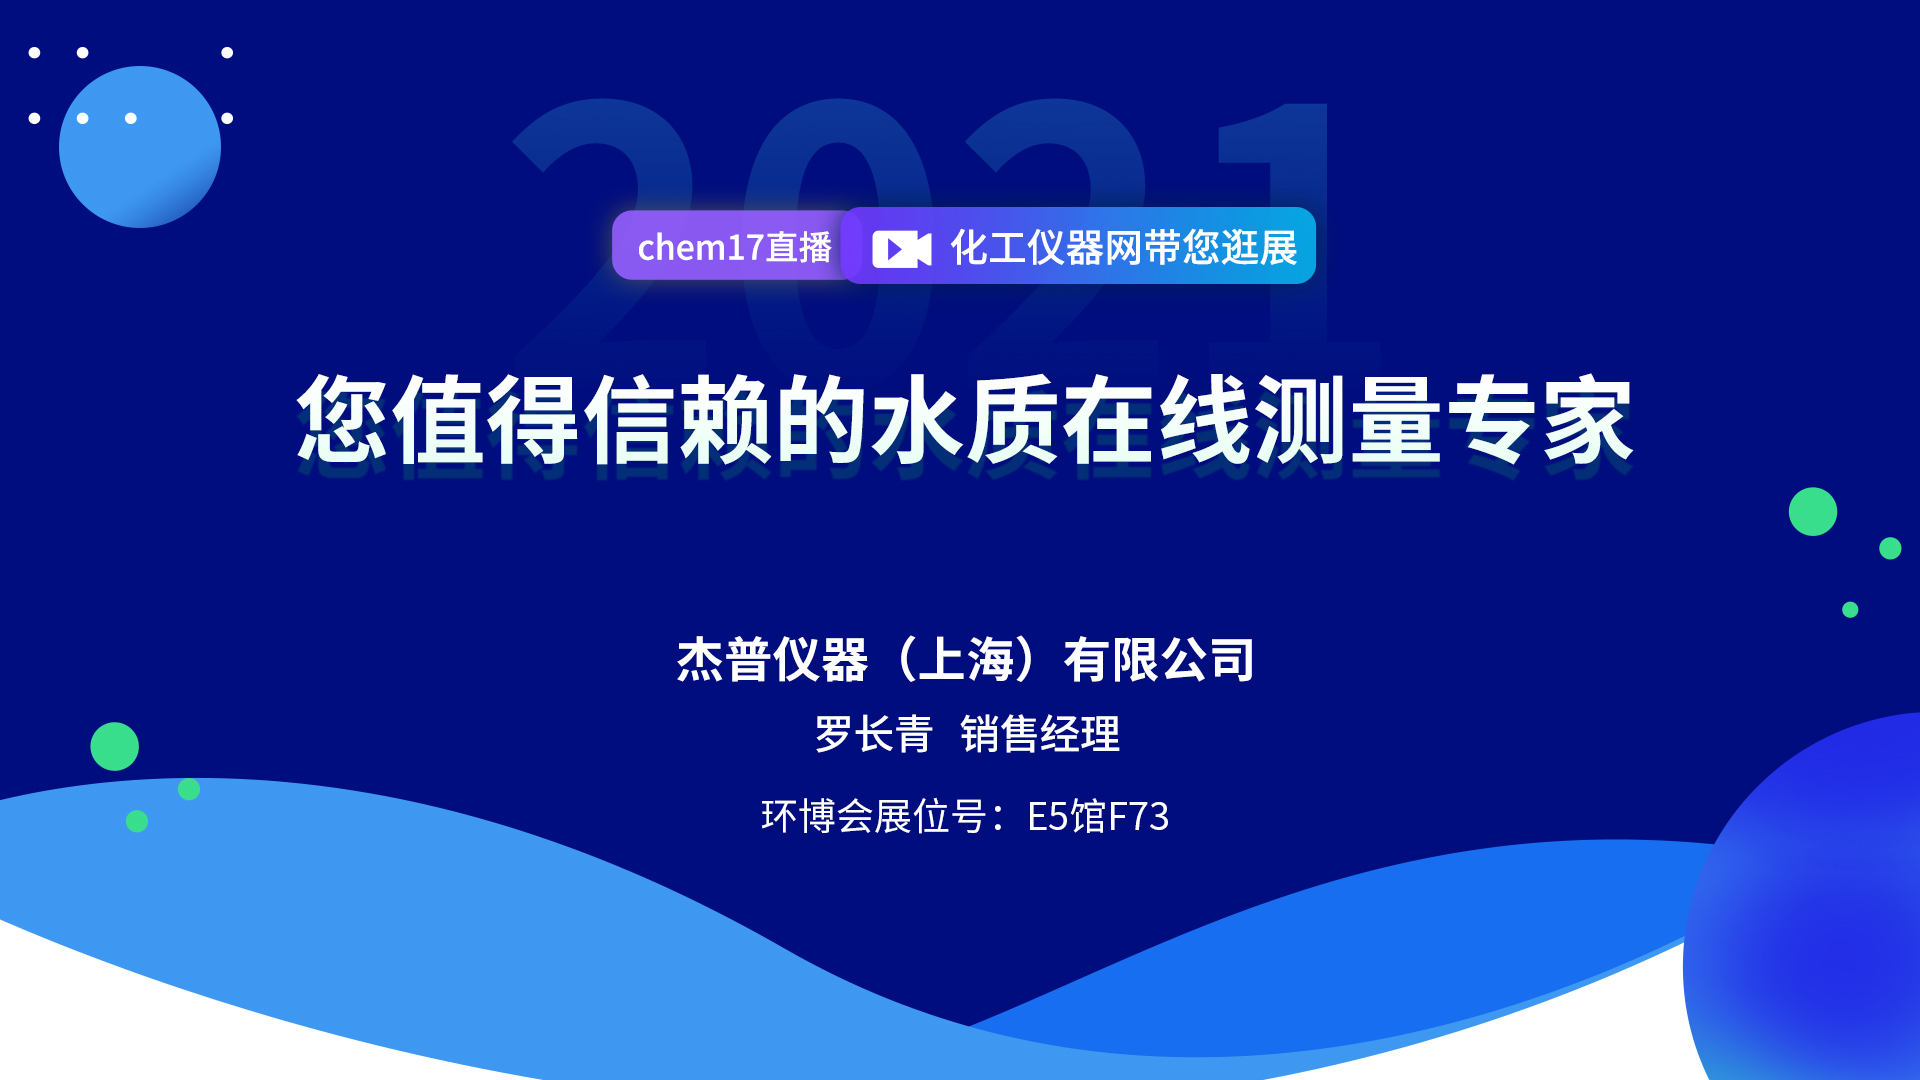 杰普仪器(上海)有限公司精彩亮相2021环博会